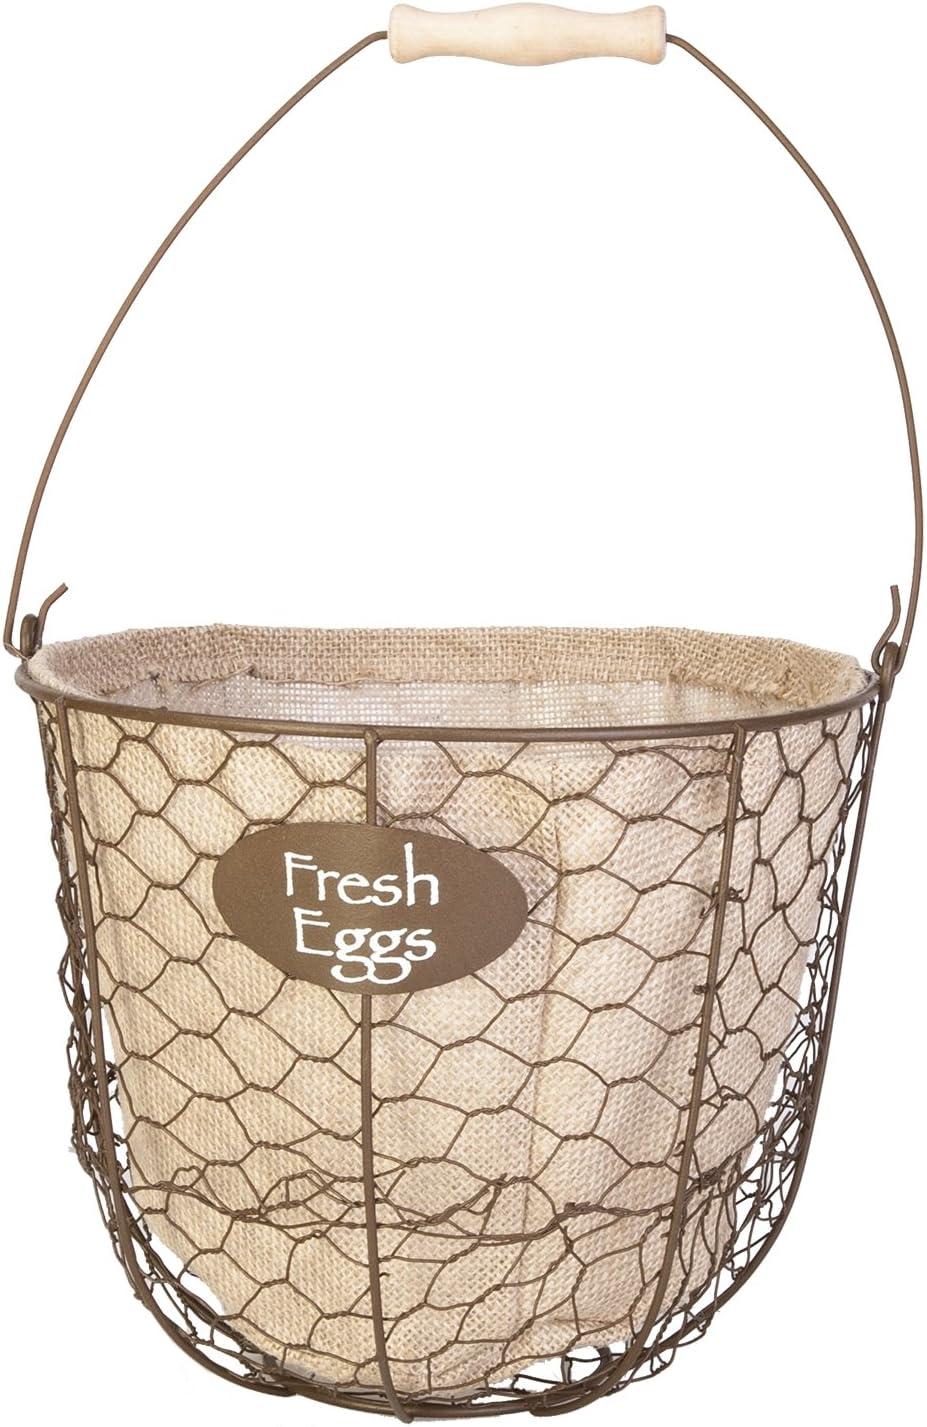 Panacea 086339 Egg Gathering Basket Burlap Liner planters Garden Accessories, 10 in. Dia x 8 in. D, Rustic Brown